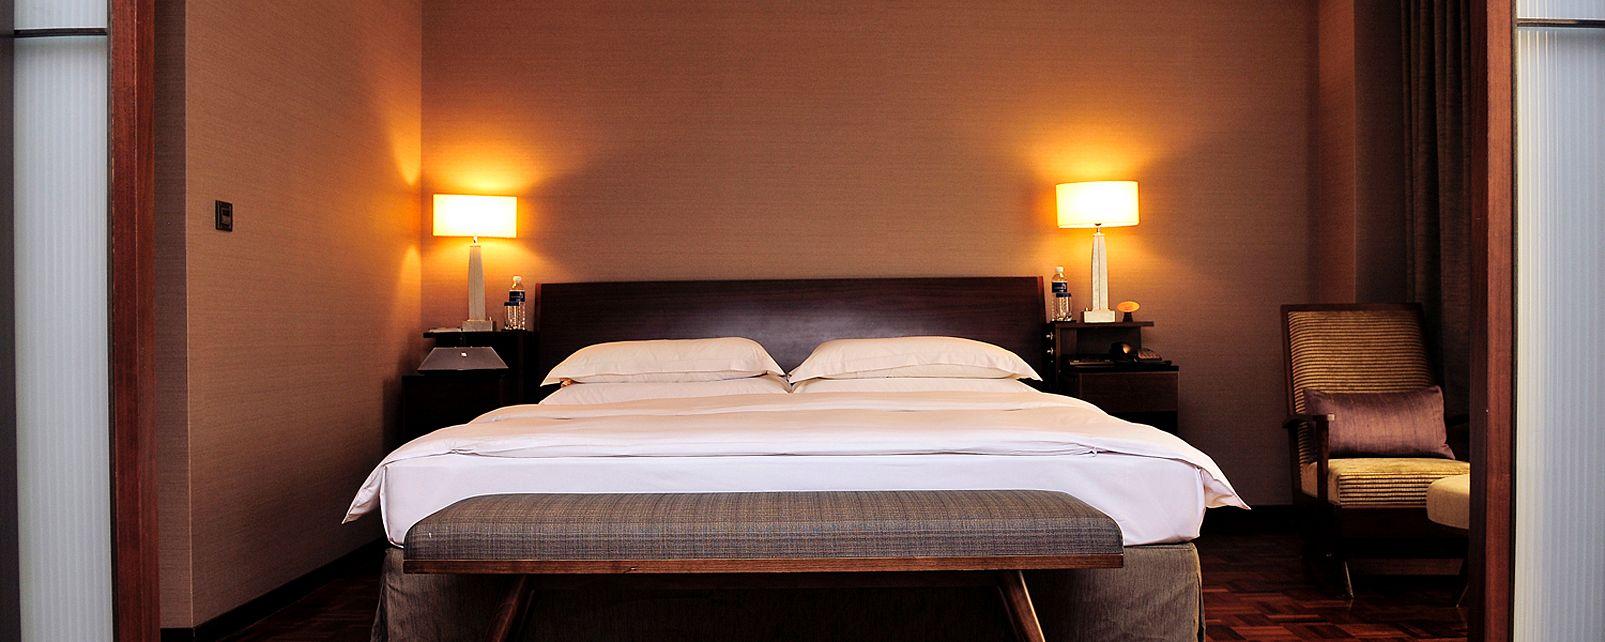 Hôtel Les Suites Ching Cheng